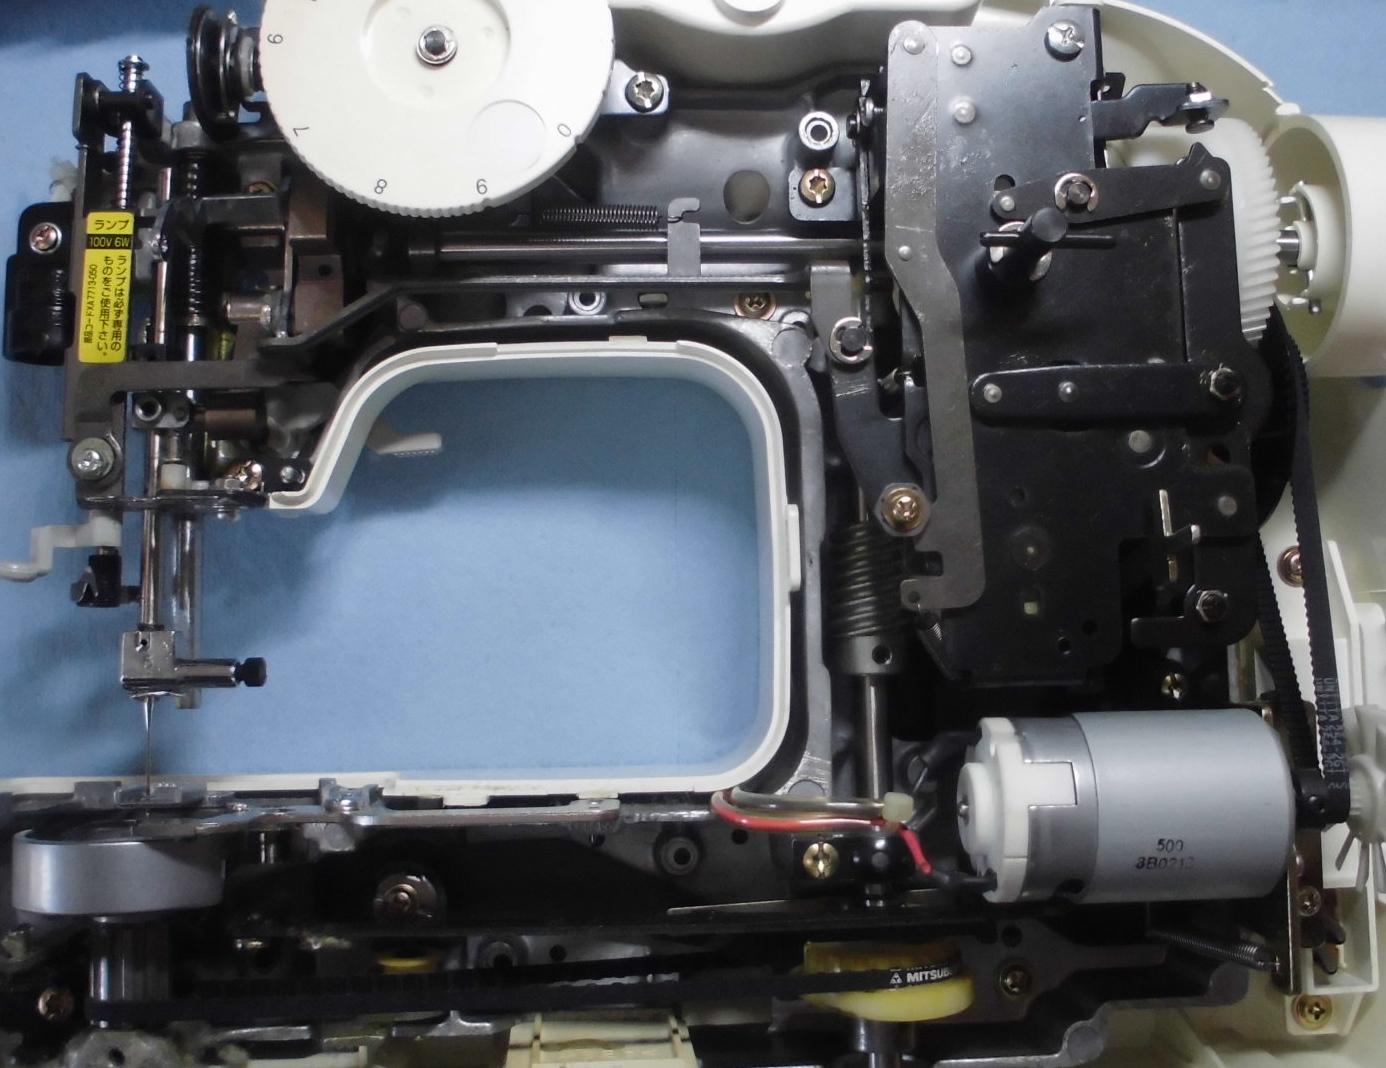 ブラザーミシンEL125の分解オーバーホールメンテナンス修理|PUPPETmini